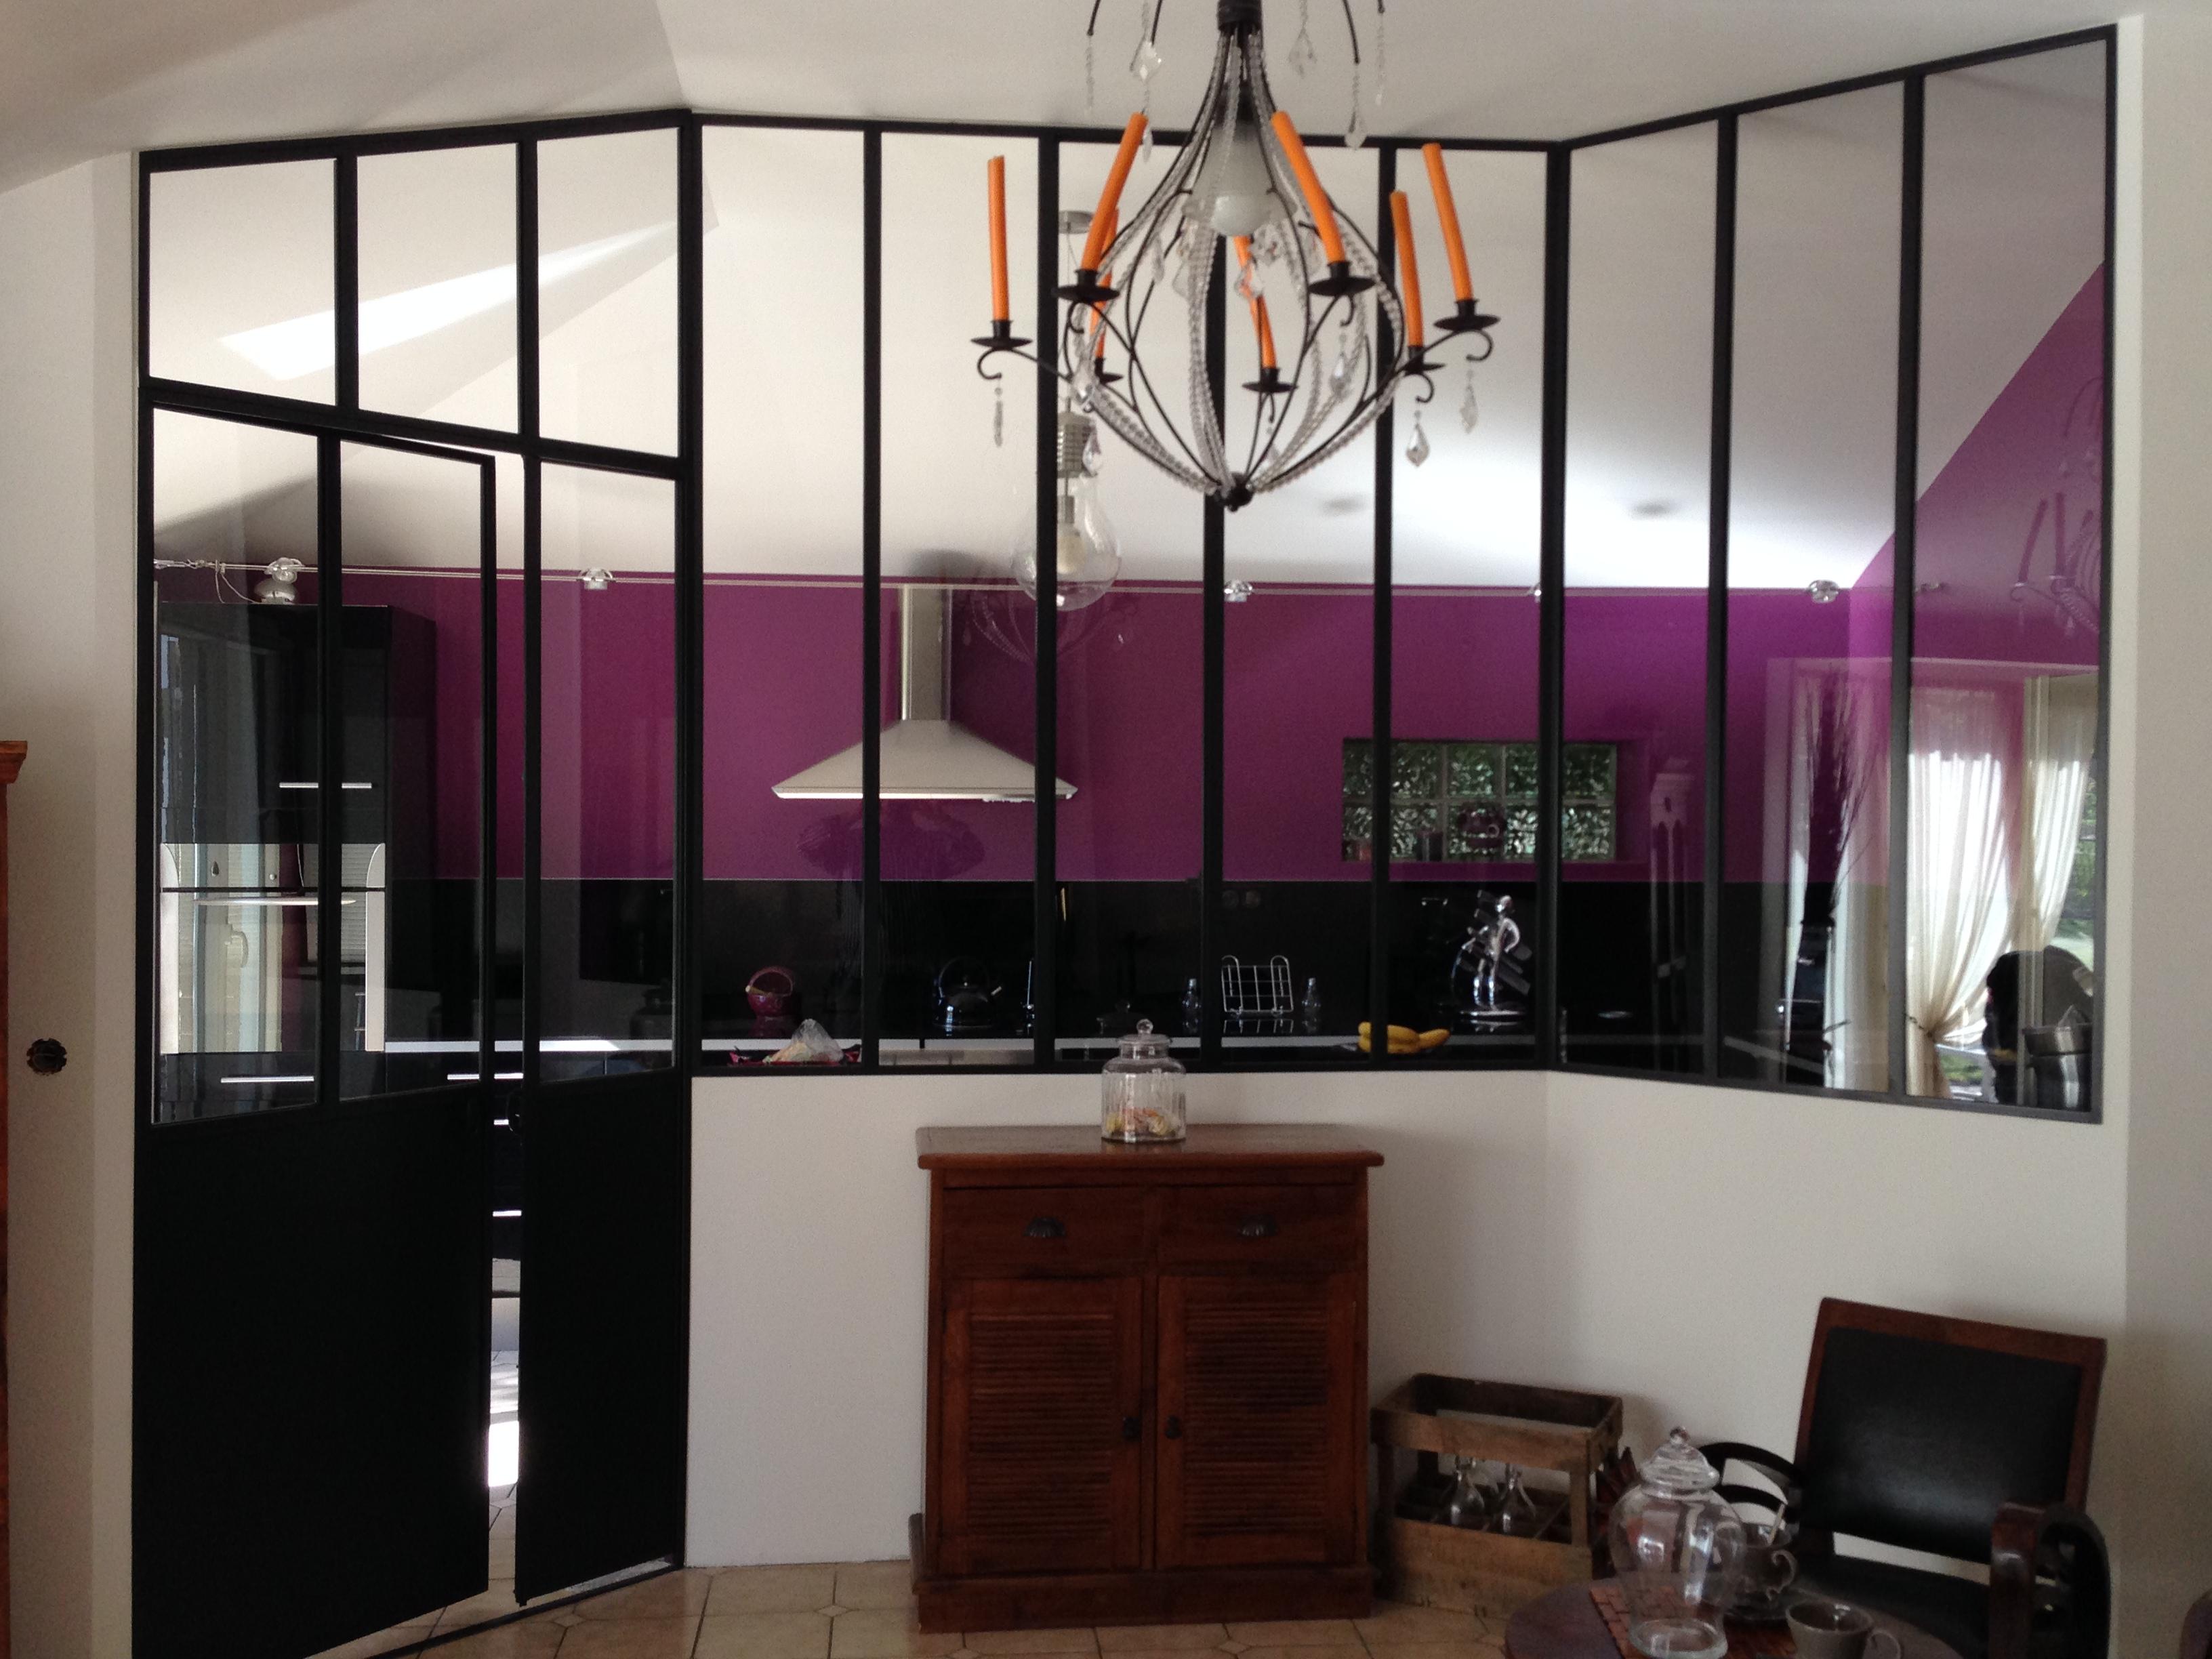 defi m tallerie calcul du co t d 39 une verri re d 39 int rieur page 4. Black Bedroom Furniture Sets. Home Design Ideas